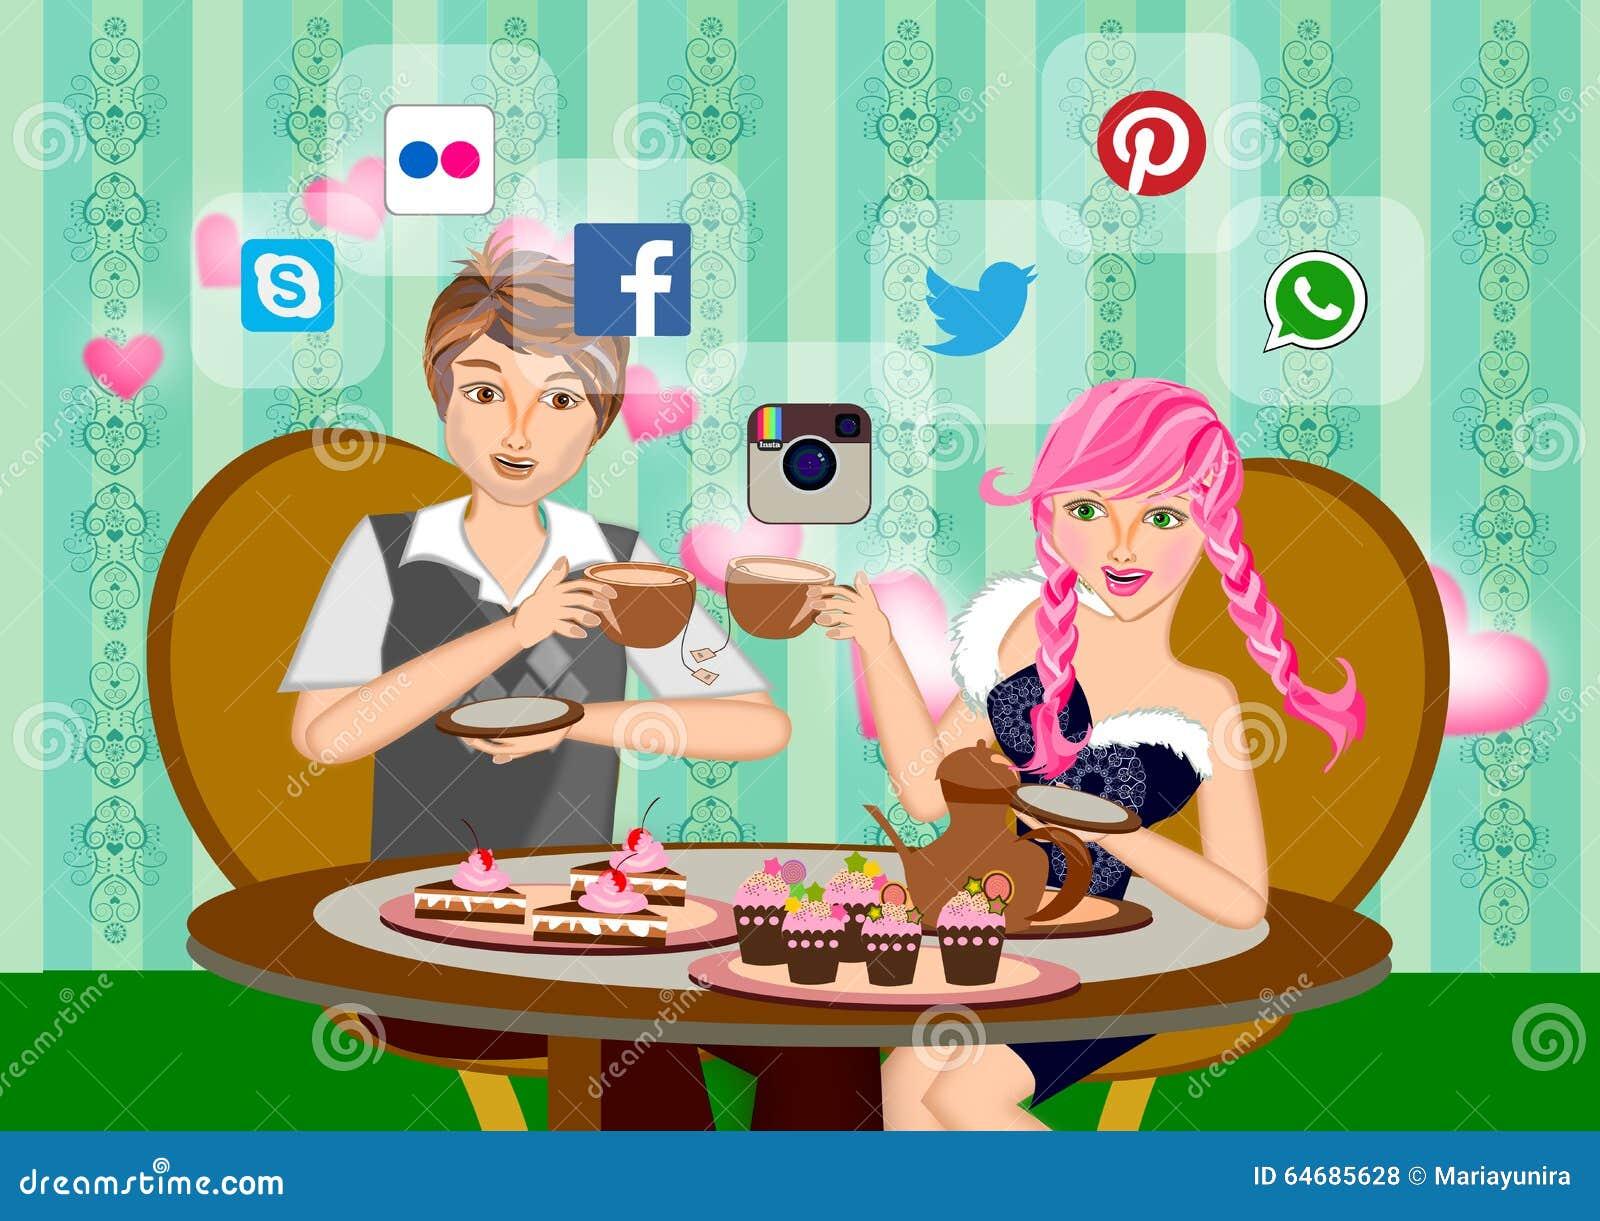 tea online dating Nummyzdeviantartcom.